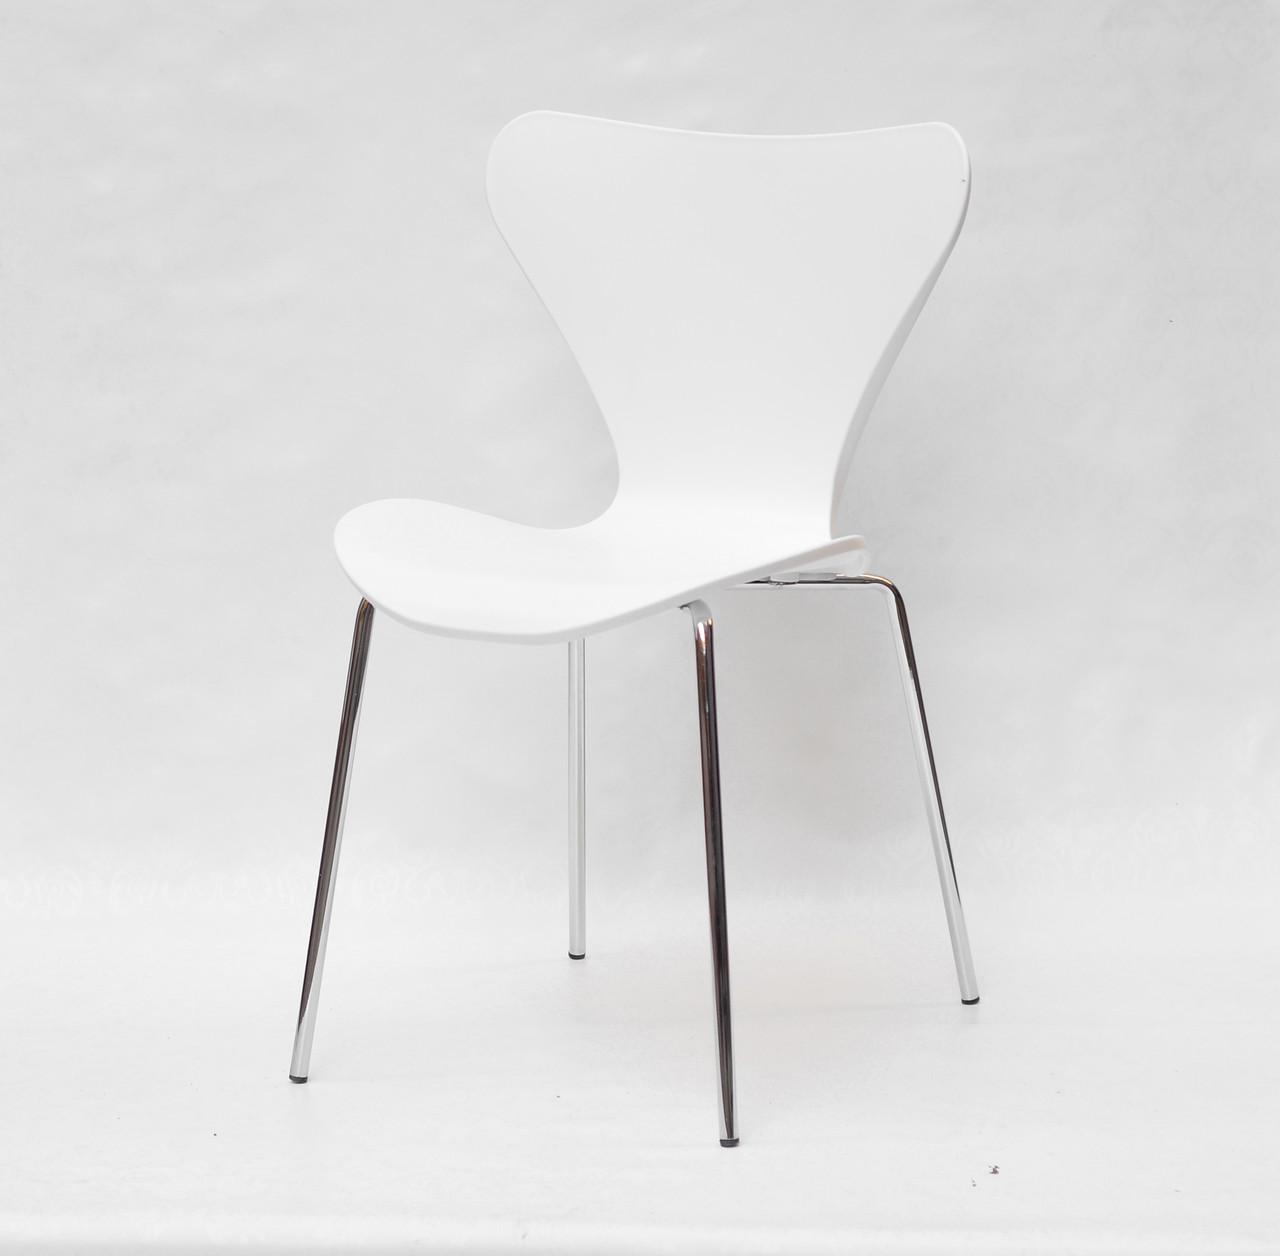 Стілець з пластиковим фігурним сидінням і хромованими ніжками Max Metal-2 - CH для сучасних інтер'єрів